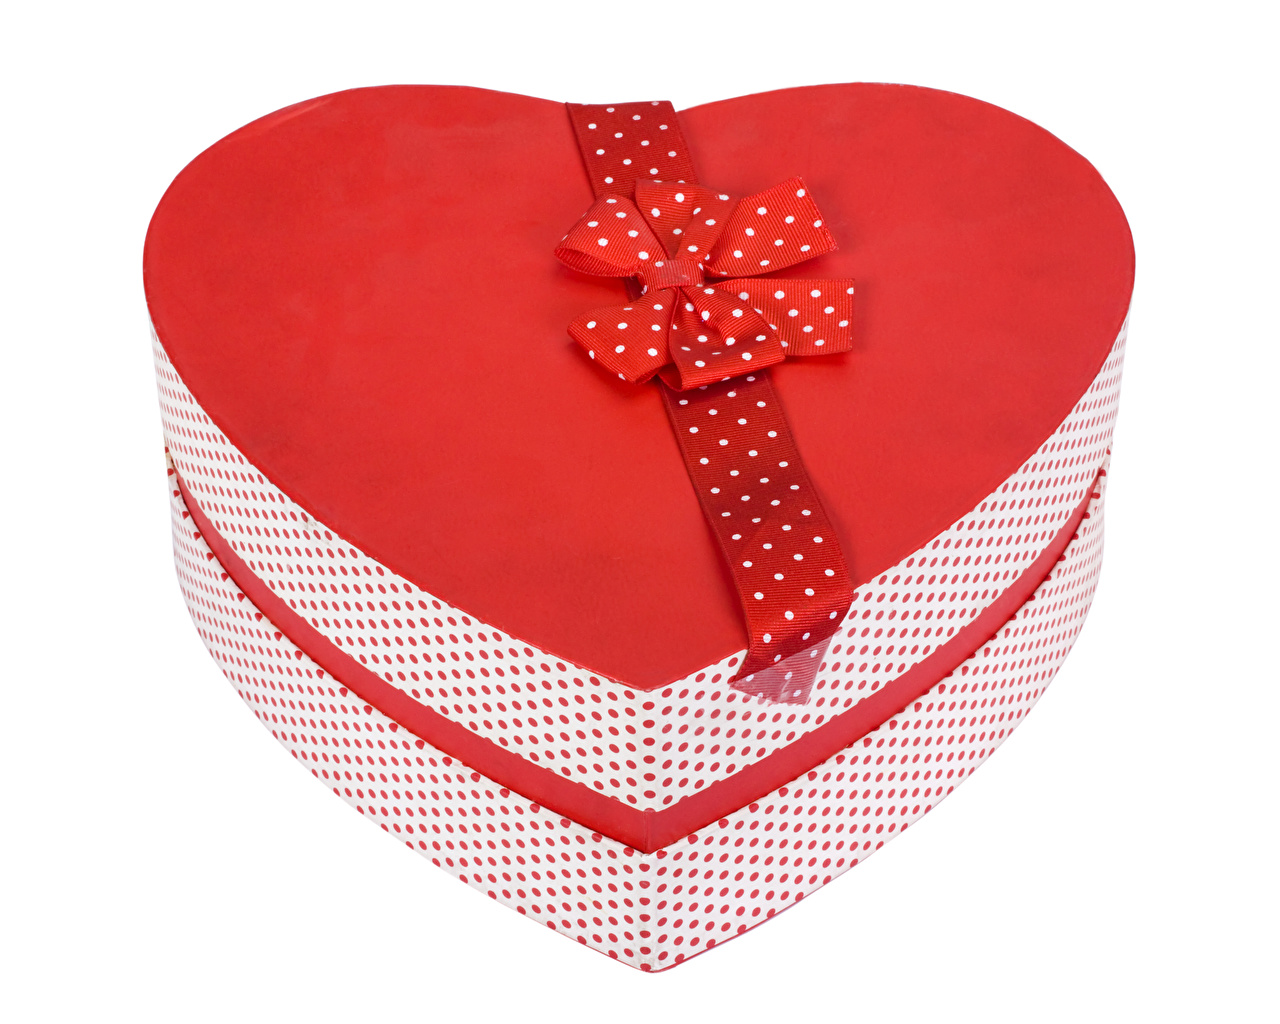 Dia dos Namorados Fundo branco Presentes Caixa Coração Laço